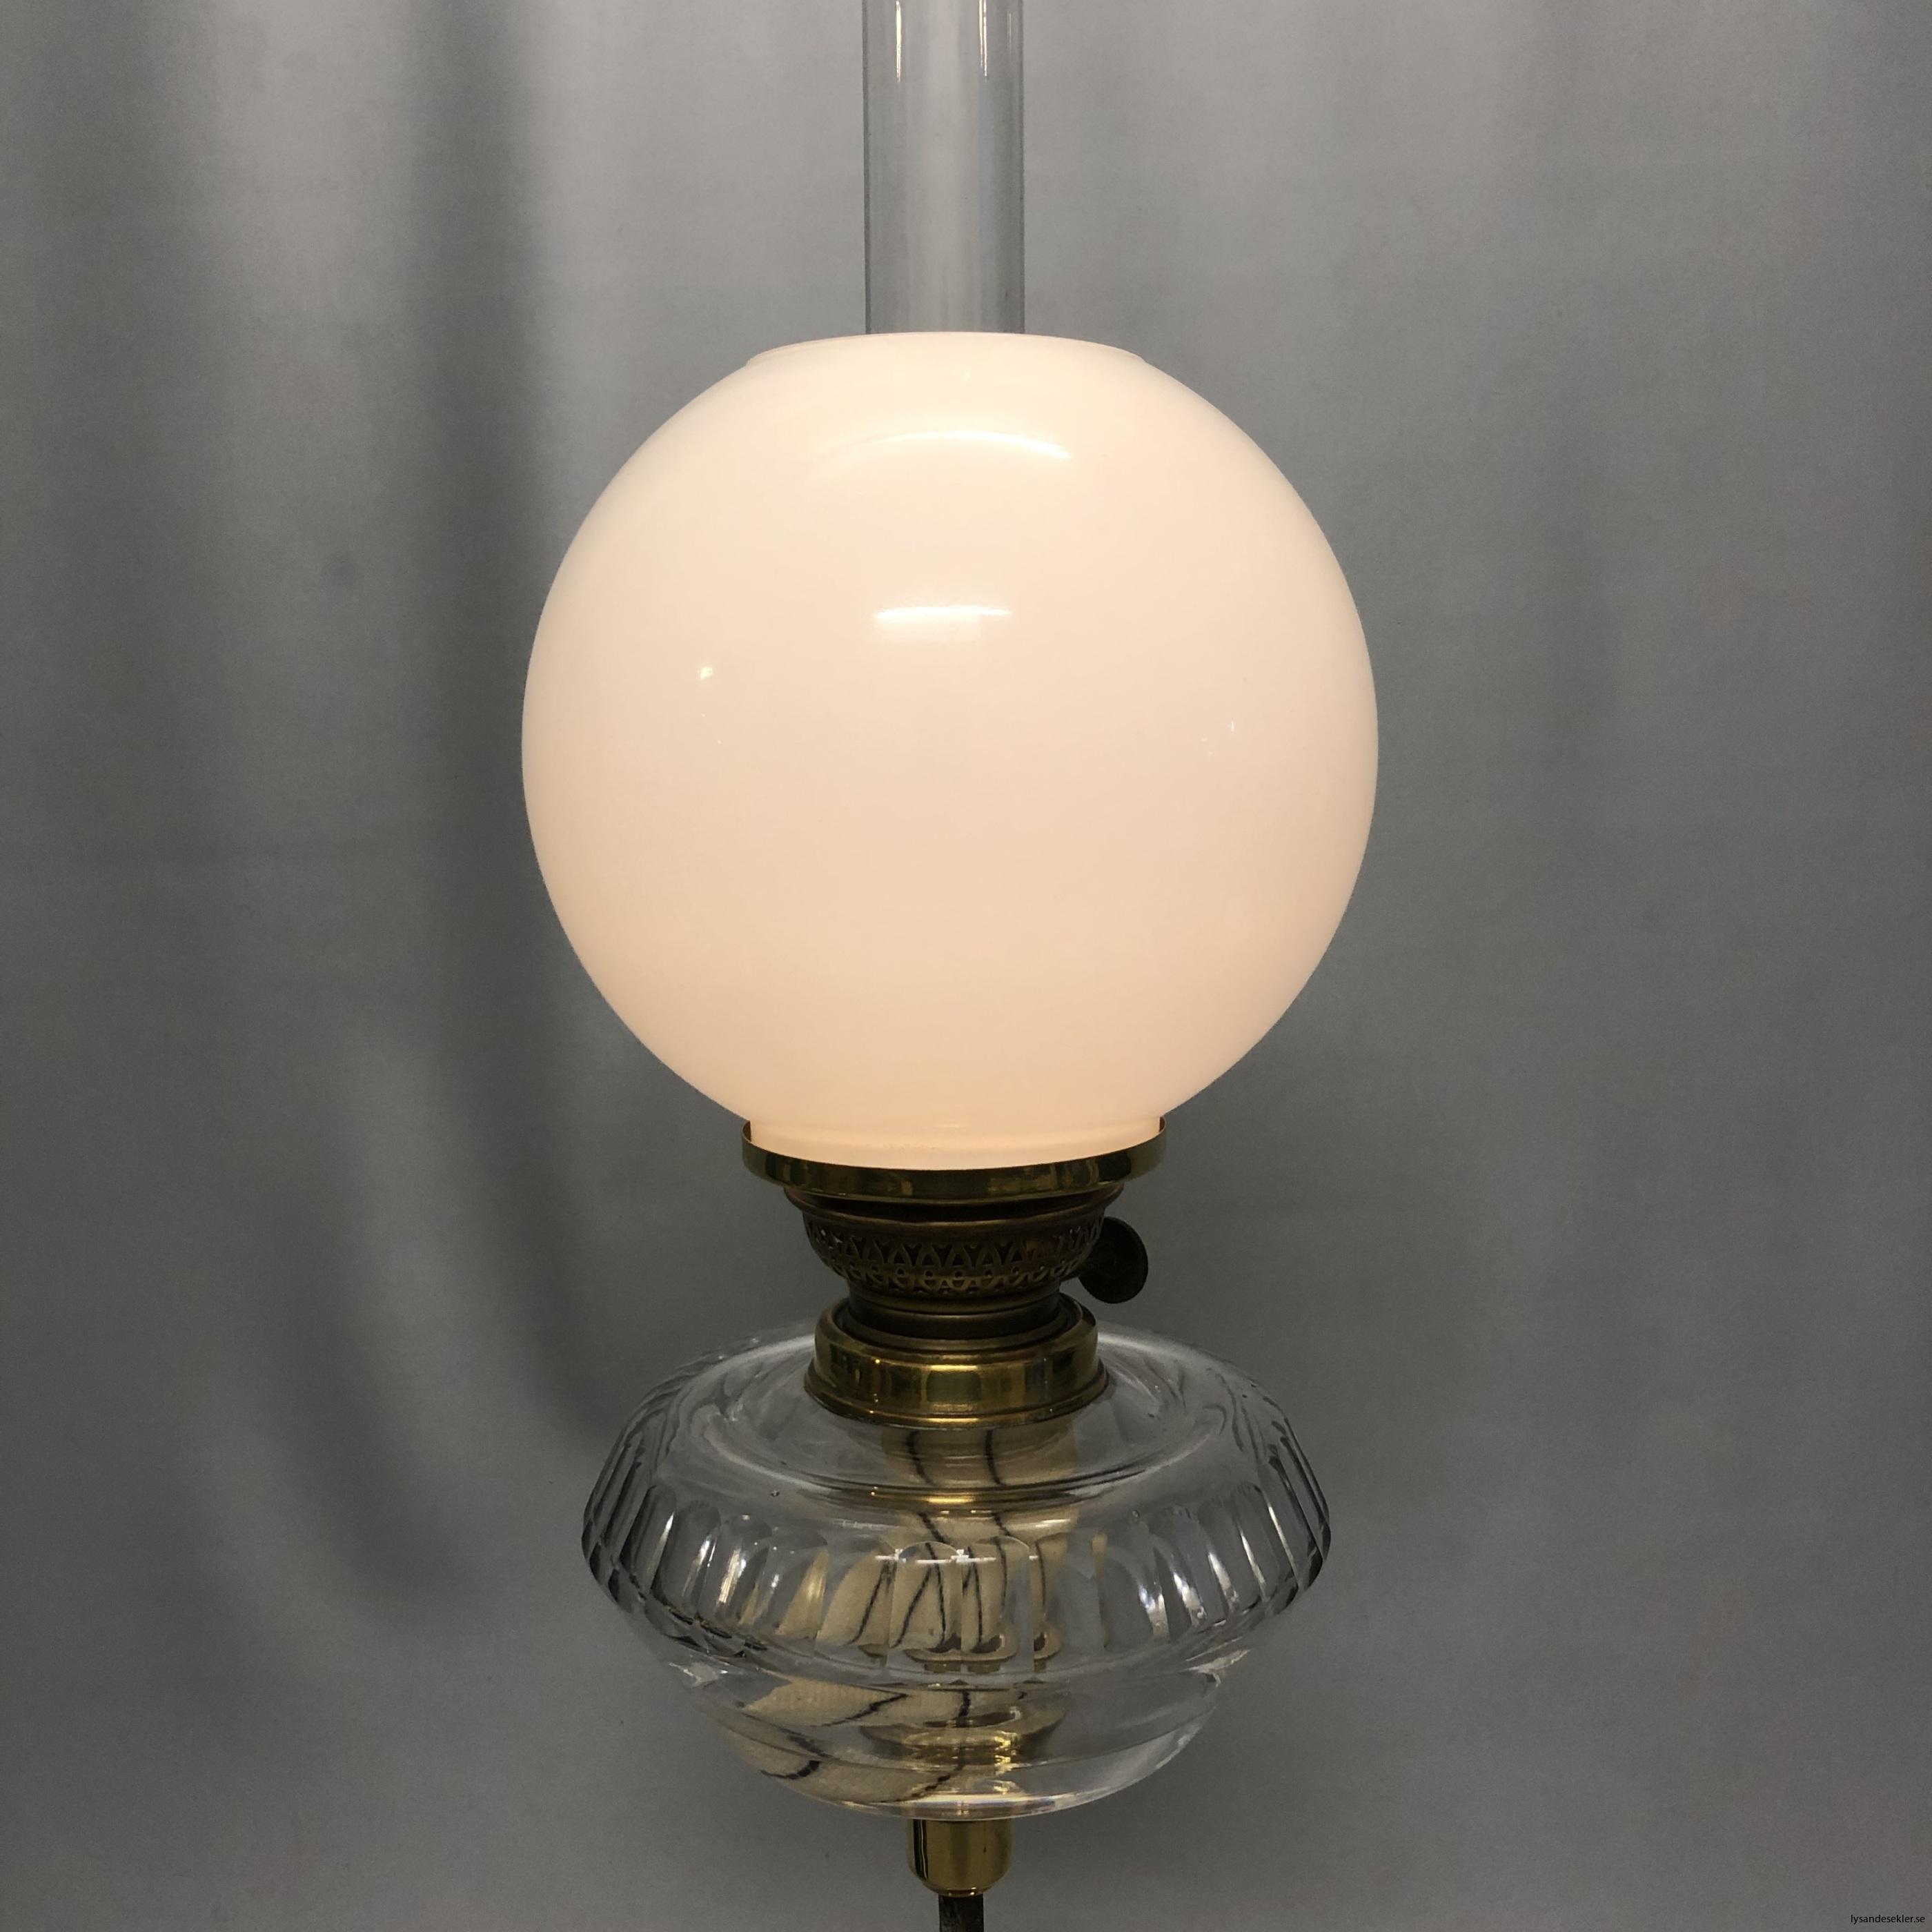 opalvit fotogenlampskupa kupa till fotogenlampa vit opal1